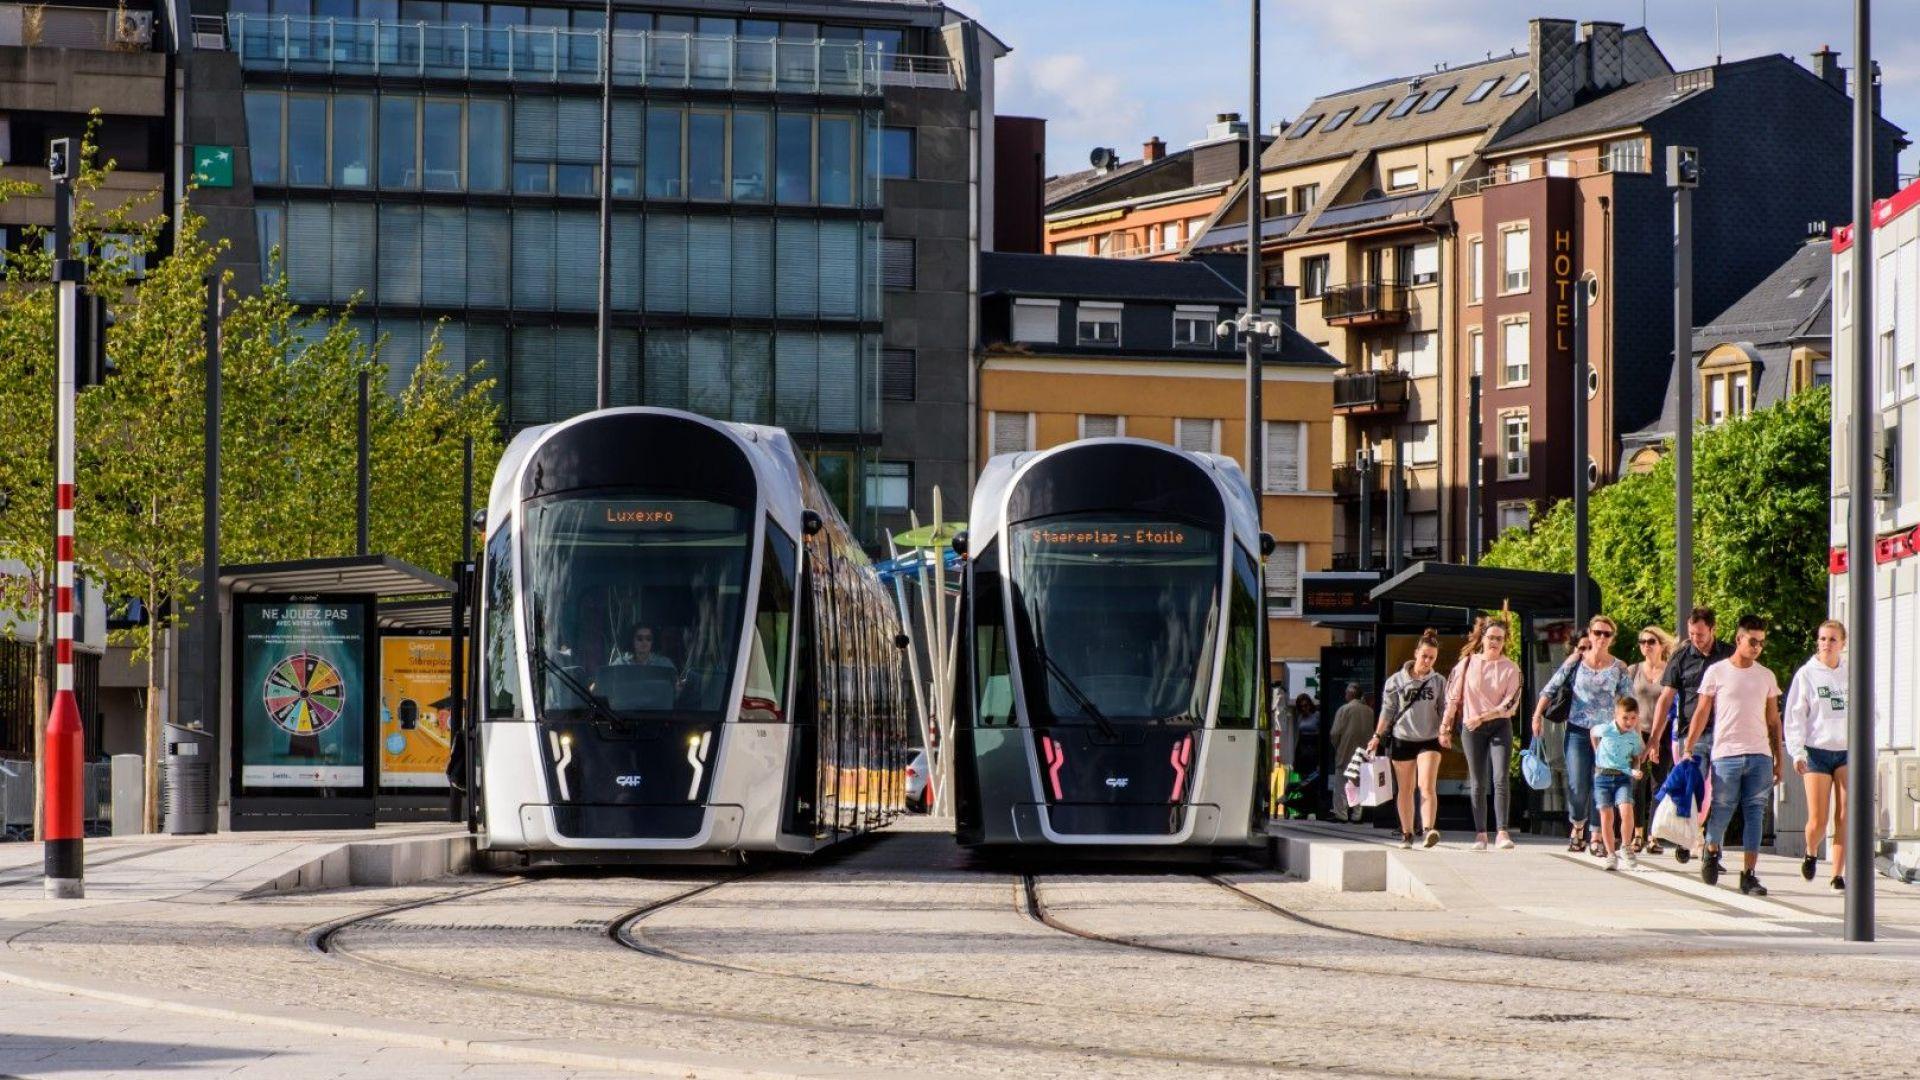 Люксембург въвежда безплатен градски транспорт от юни 2019 година